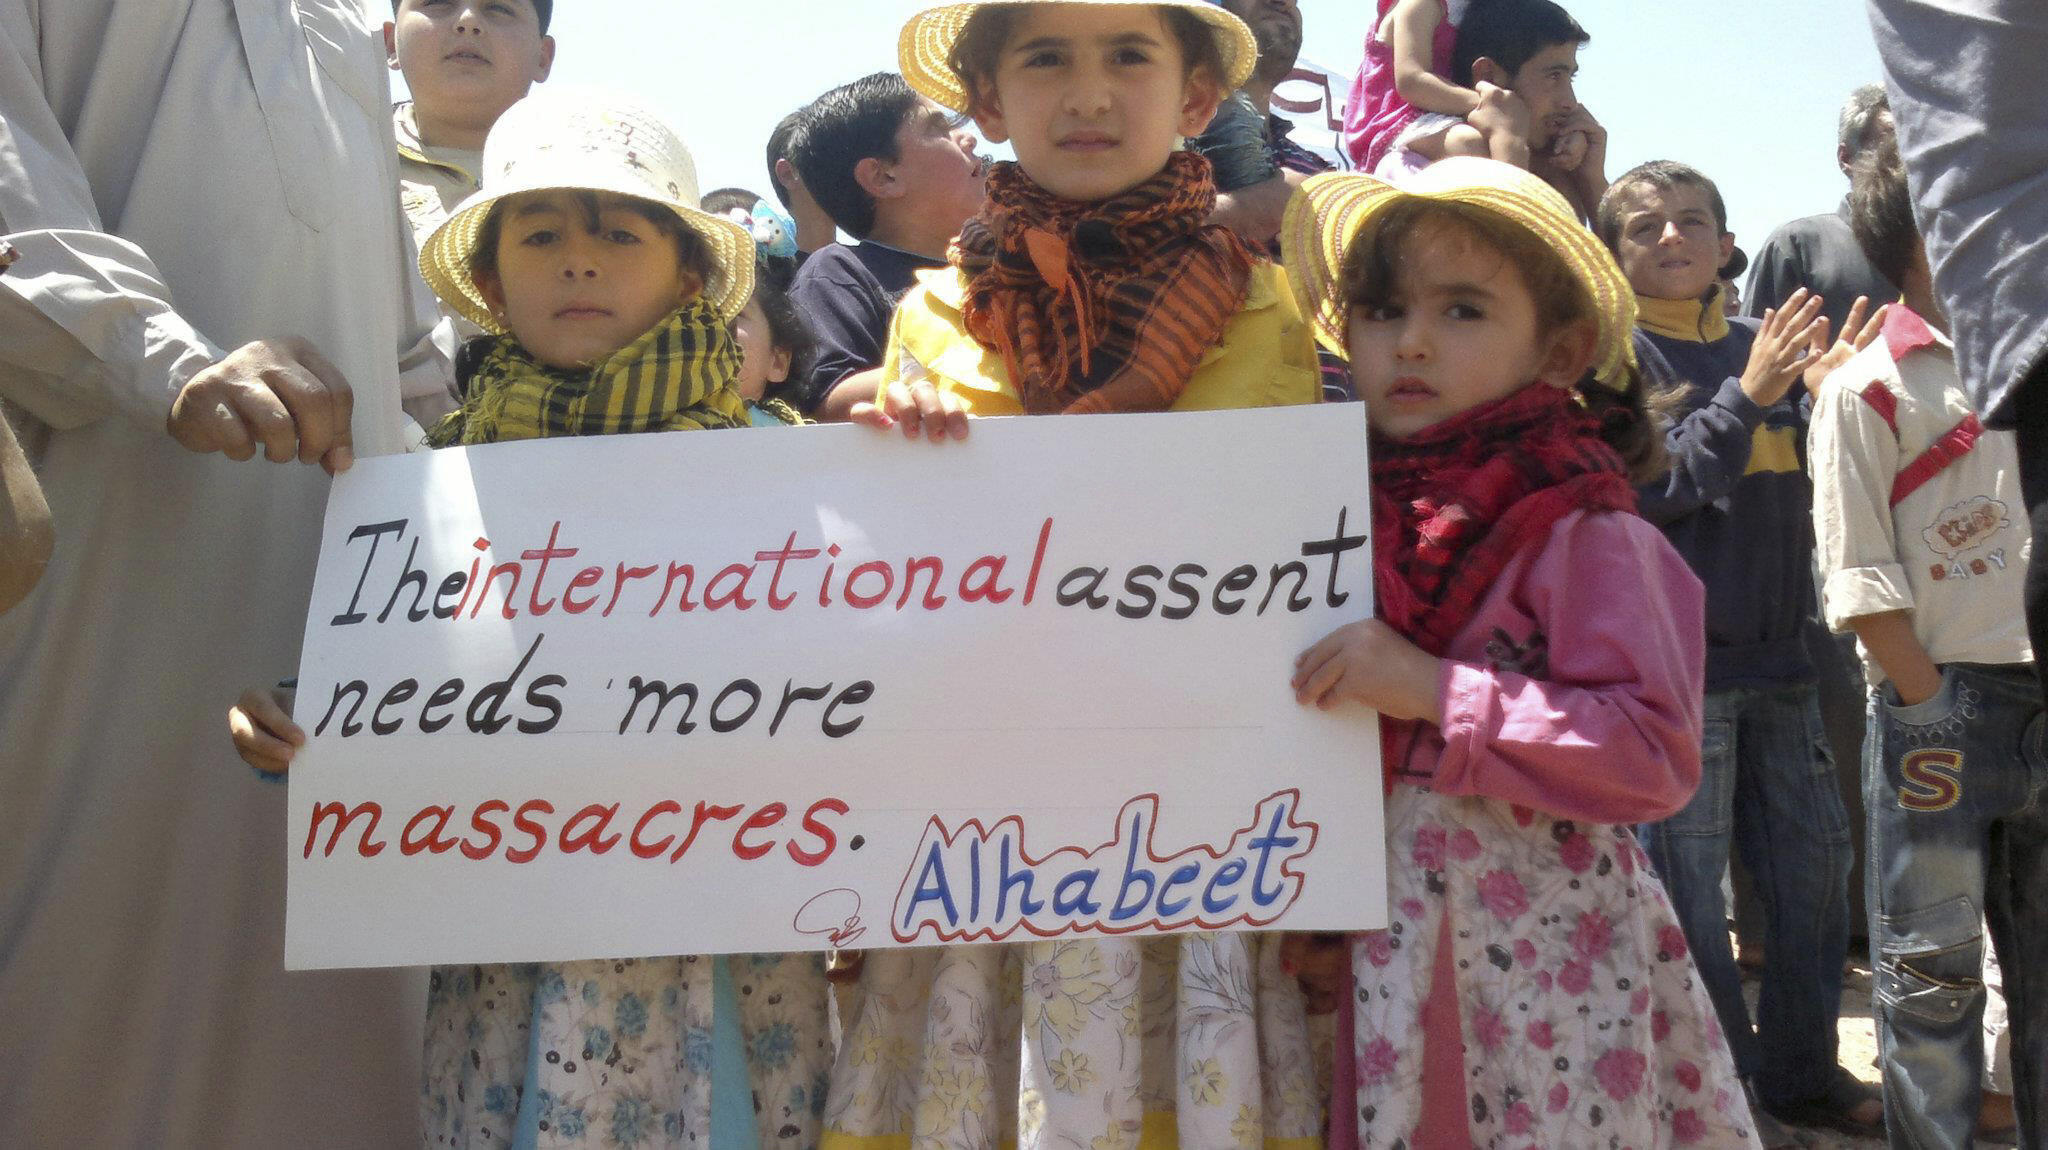 Crianças participam de manifestação contra o presidente Bashar al-Assad perto da cidade de Idleb, na última sexta-feira (08.06.12).